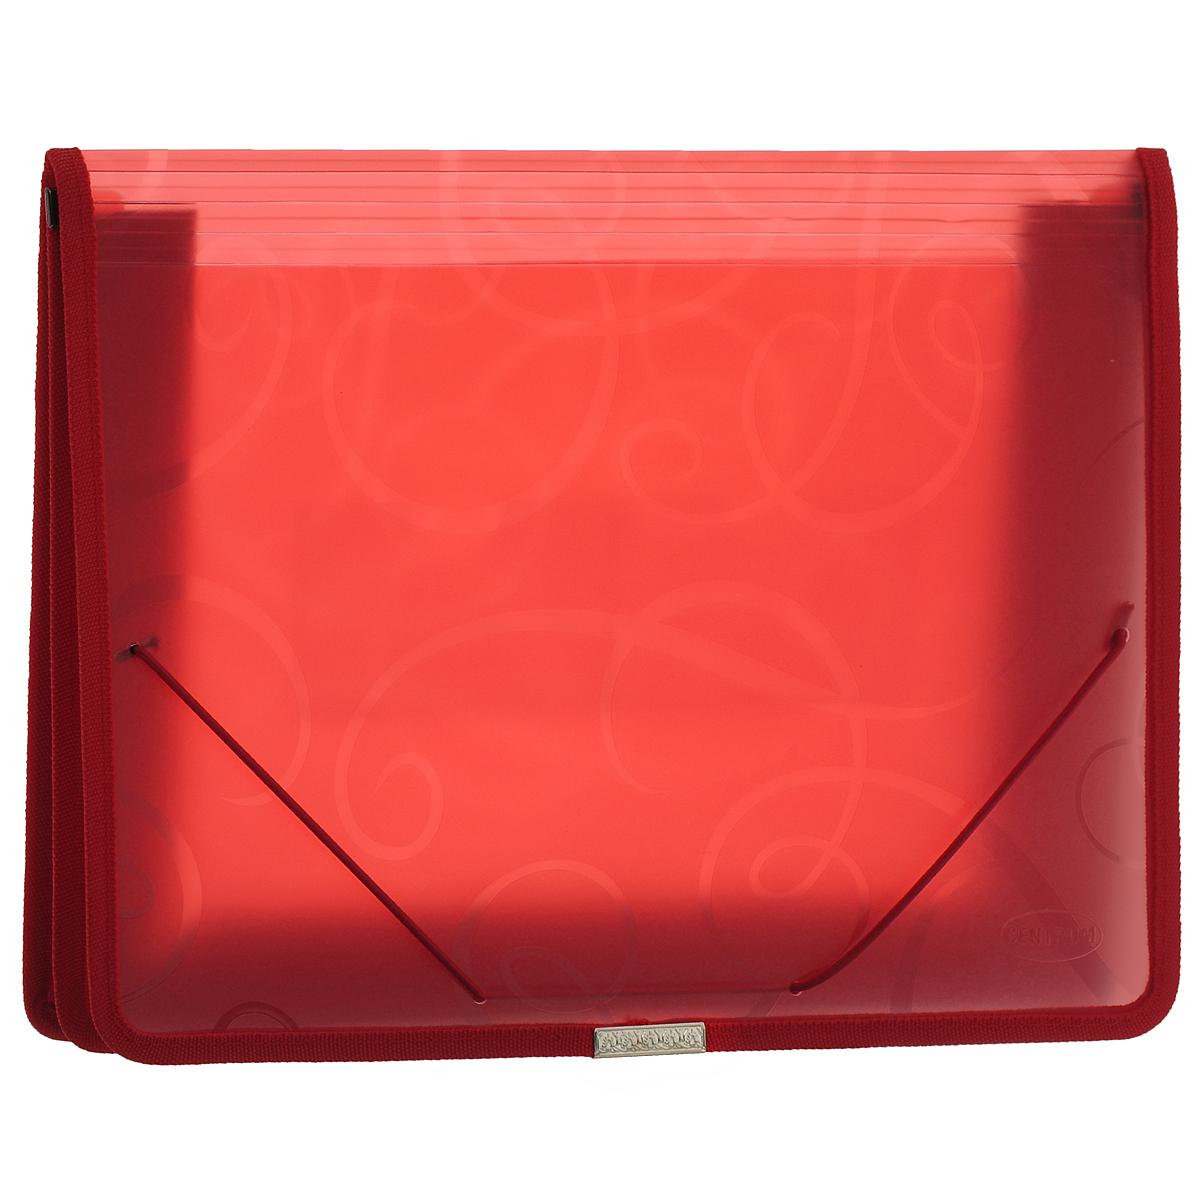 Centrum Папка-конверт на резинке цвет красный 80802КПкм4к_08882Папка-конверт на резинке Centrum - это удобный и функциональный офисный инструмент, предназначенный для хранения и транспортировки рабочих бумаг и документов формата А4.Папка с двойной угловой фиксацией резиновой лентой изготовлена из износостойкого полупрозрачного полипропилена. Внутри папка имеет одно объемное отделение повышенной вместимости и 2 прозрачных открытых кармашка. Грани папки отделаны полиэстером, что обеспечивает дополнительную прочность и опрятный вид папки. Клапан украшен декоративным металлическим элементом. Папка оформлена тиснением в виде абстрактного орнамента.Папка - это незаменимый атрибут для студента, школьника, офисного работника. Такая папка надежно сохранит ваши документы и сбережет их от повреждений, пыли и влаги.